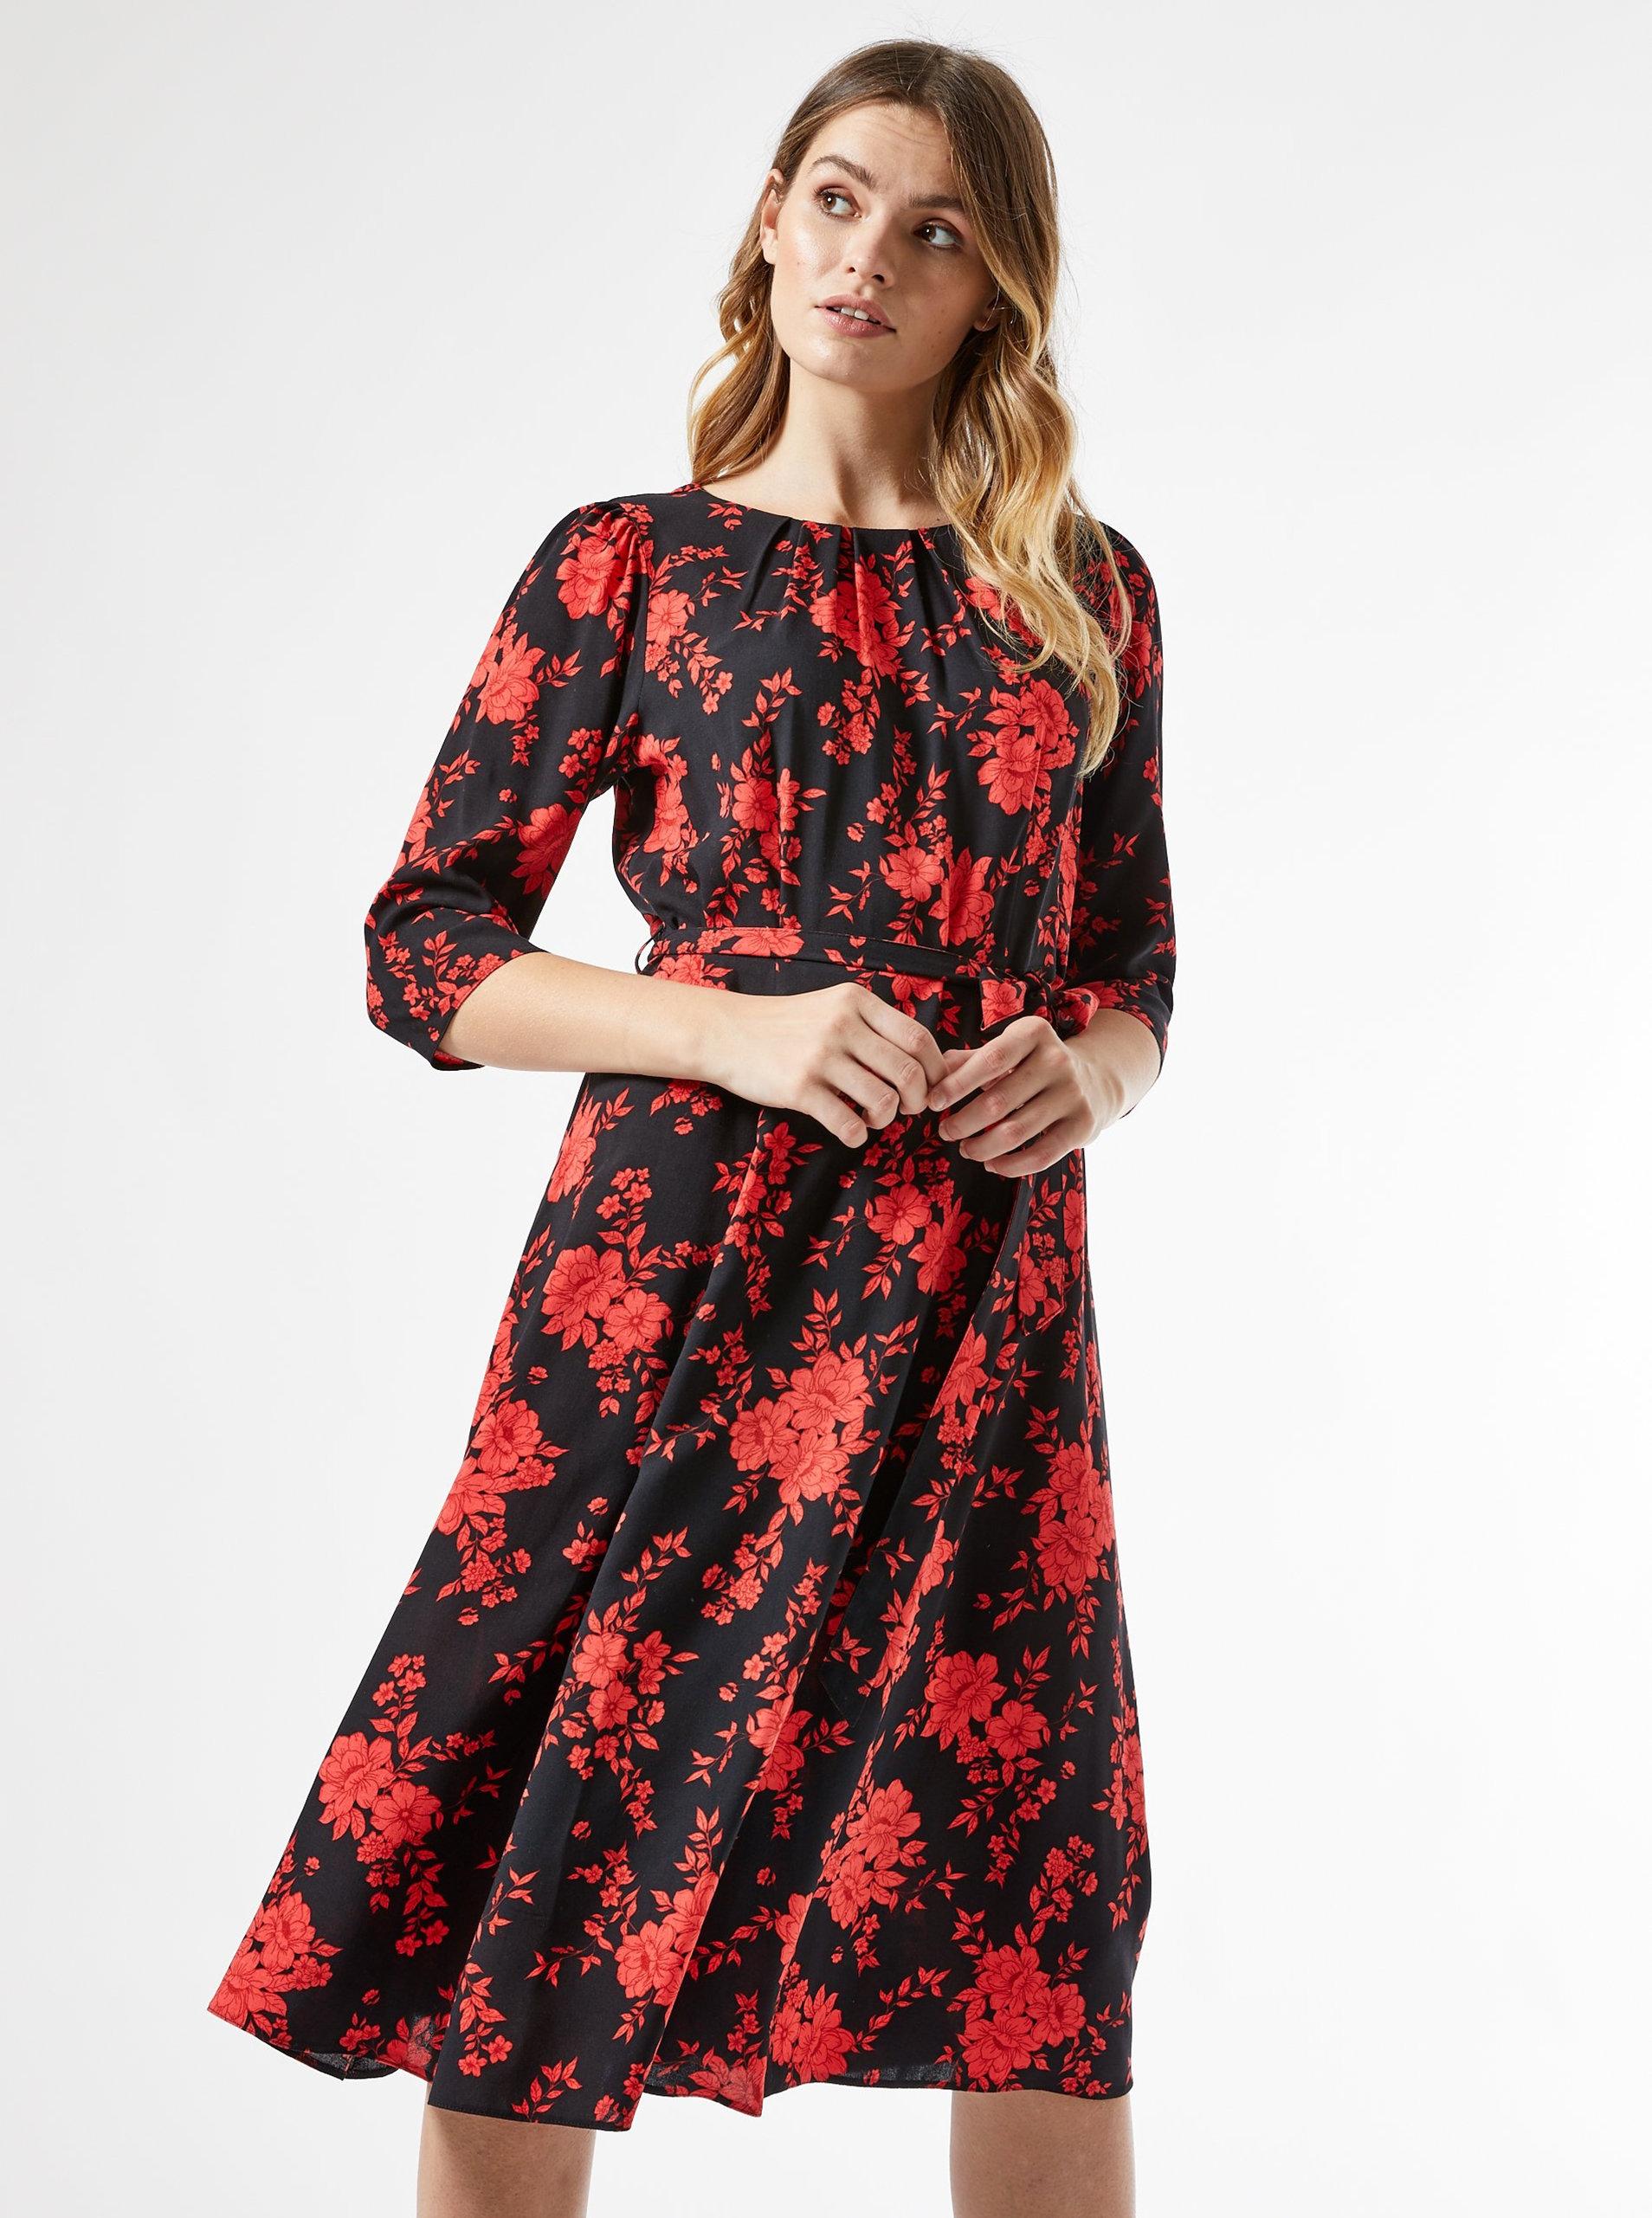 Červeno-černé květované šaty Billie & Blossom